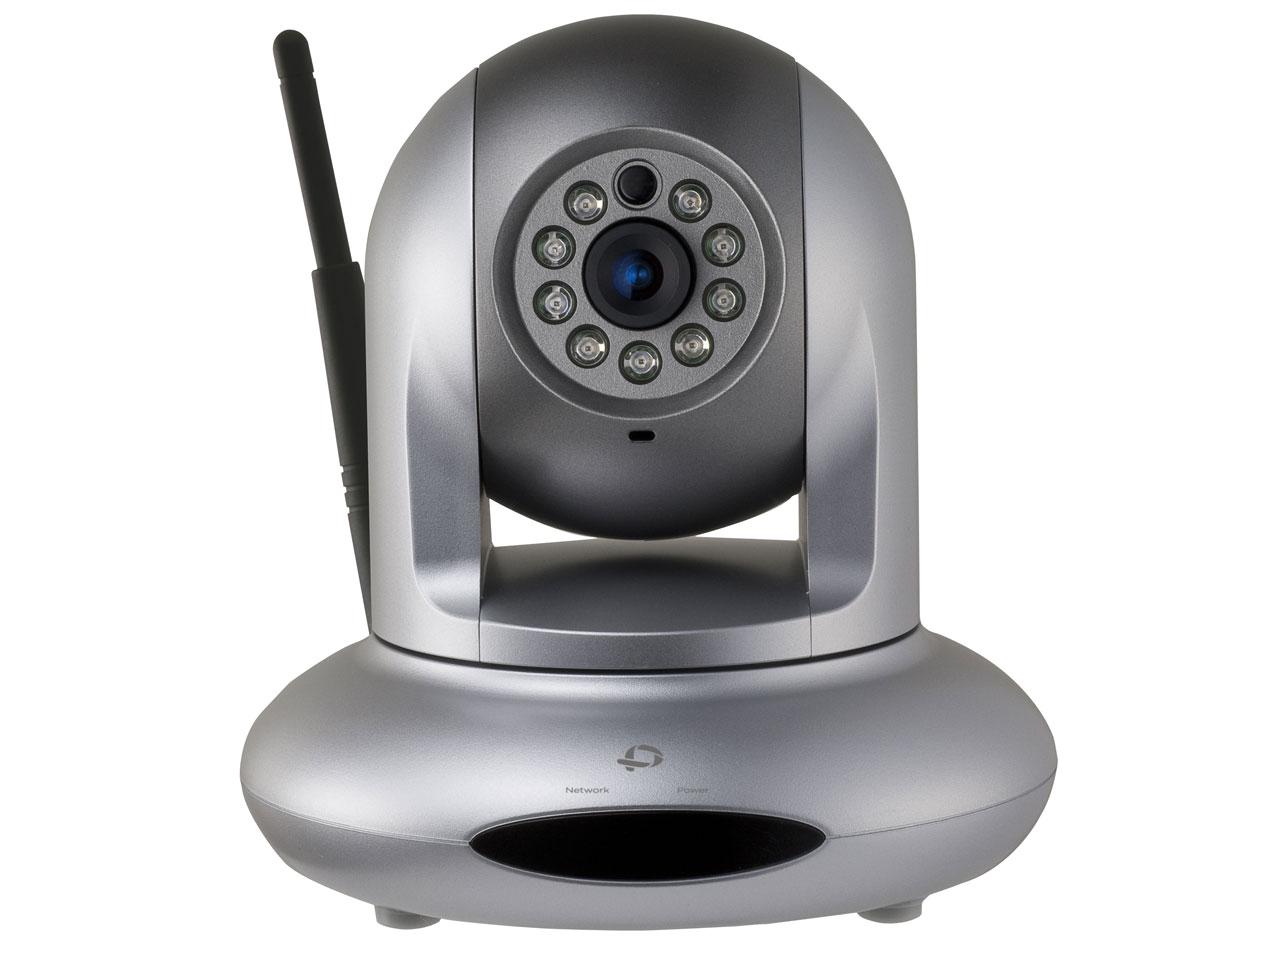 監視カメラ Wi-Fi 有線対応ネットワークカメラ